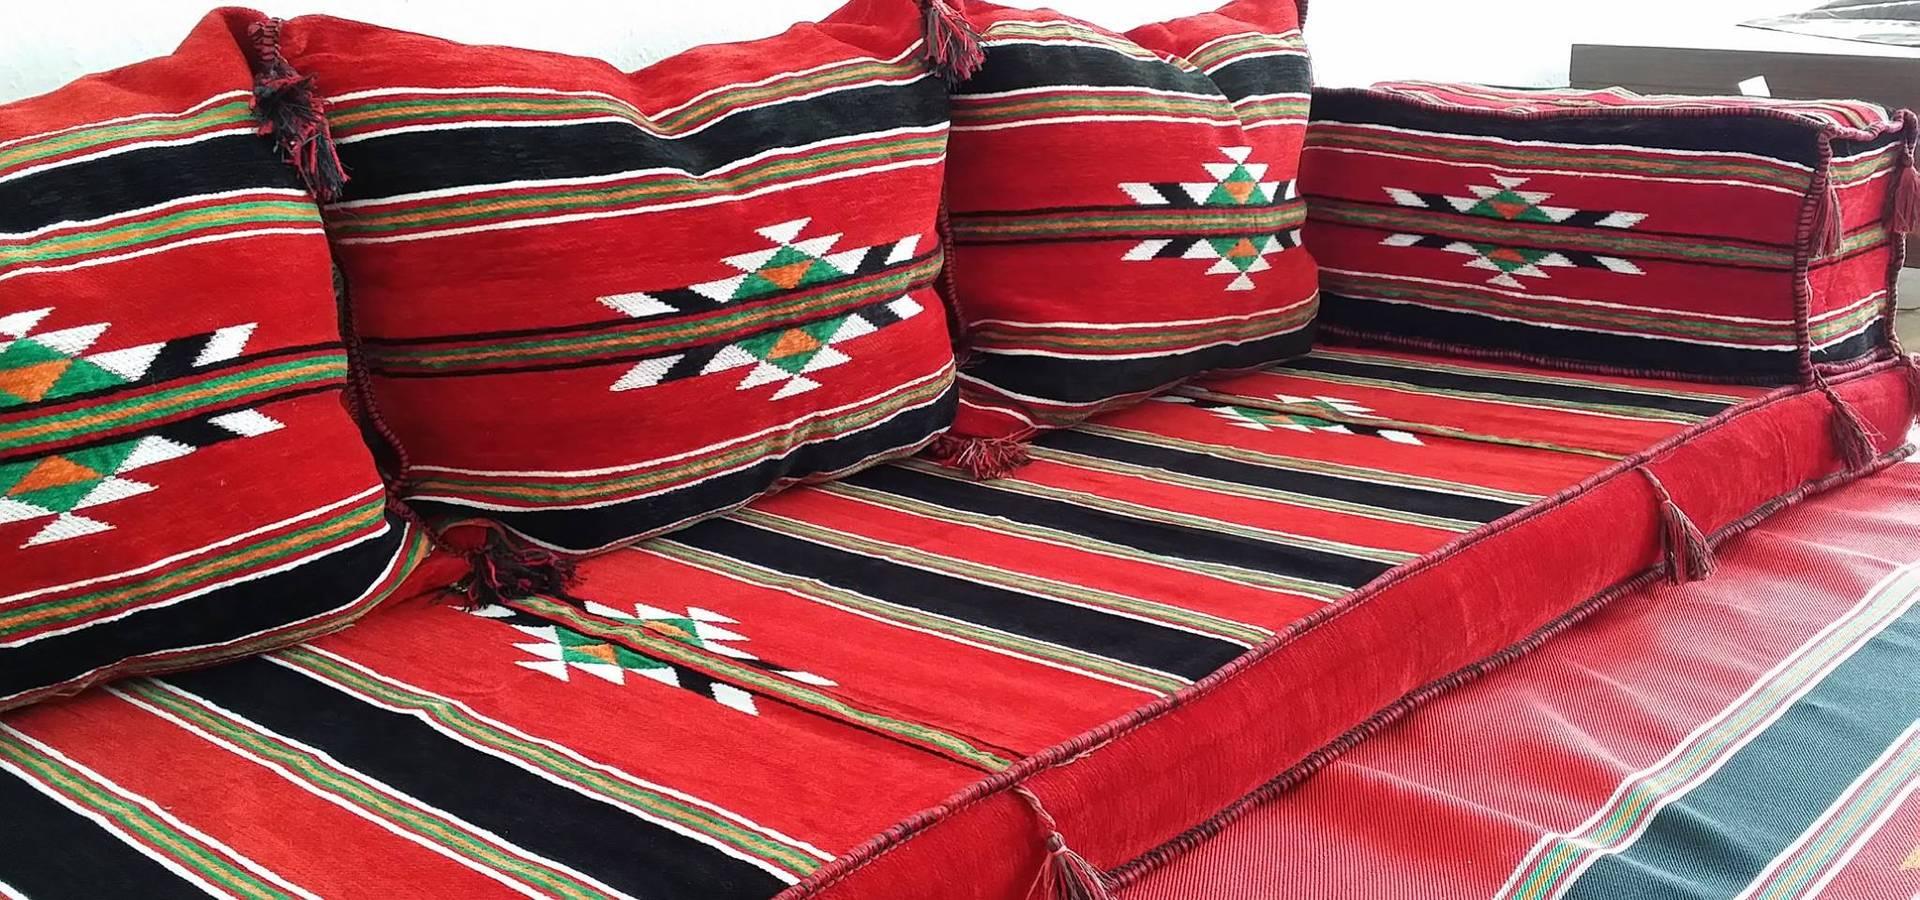 orientalische sitzecken orientalische sitzgarnitur 5 teiliges set komplett traditionell rot von. Black Bedroom Furniture Sets. Home Design Ideas